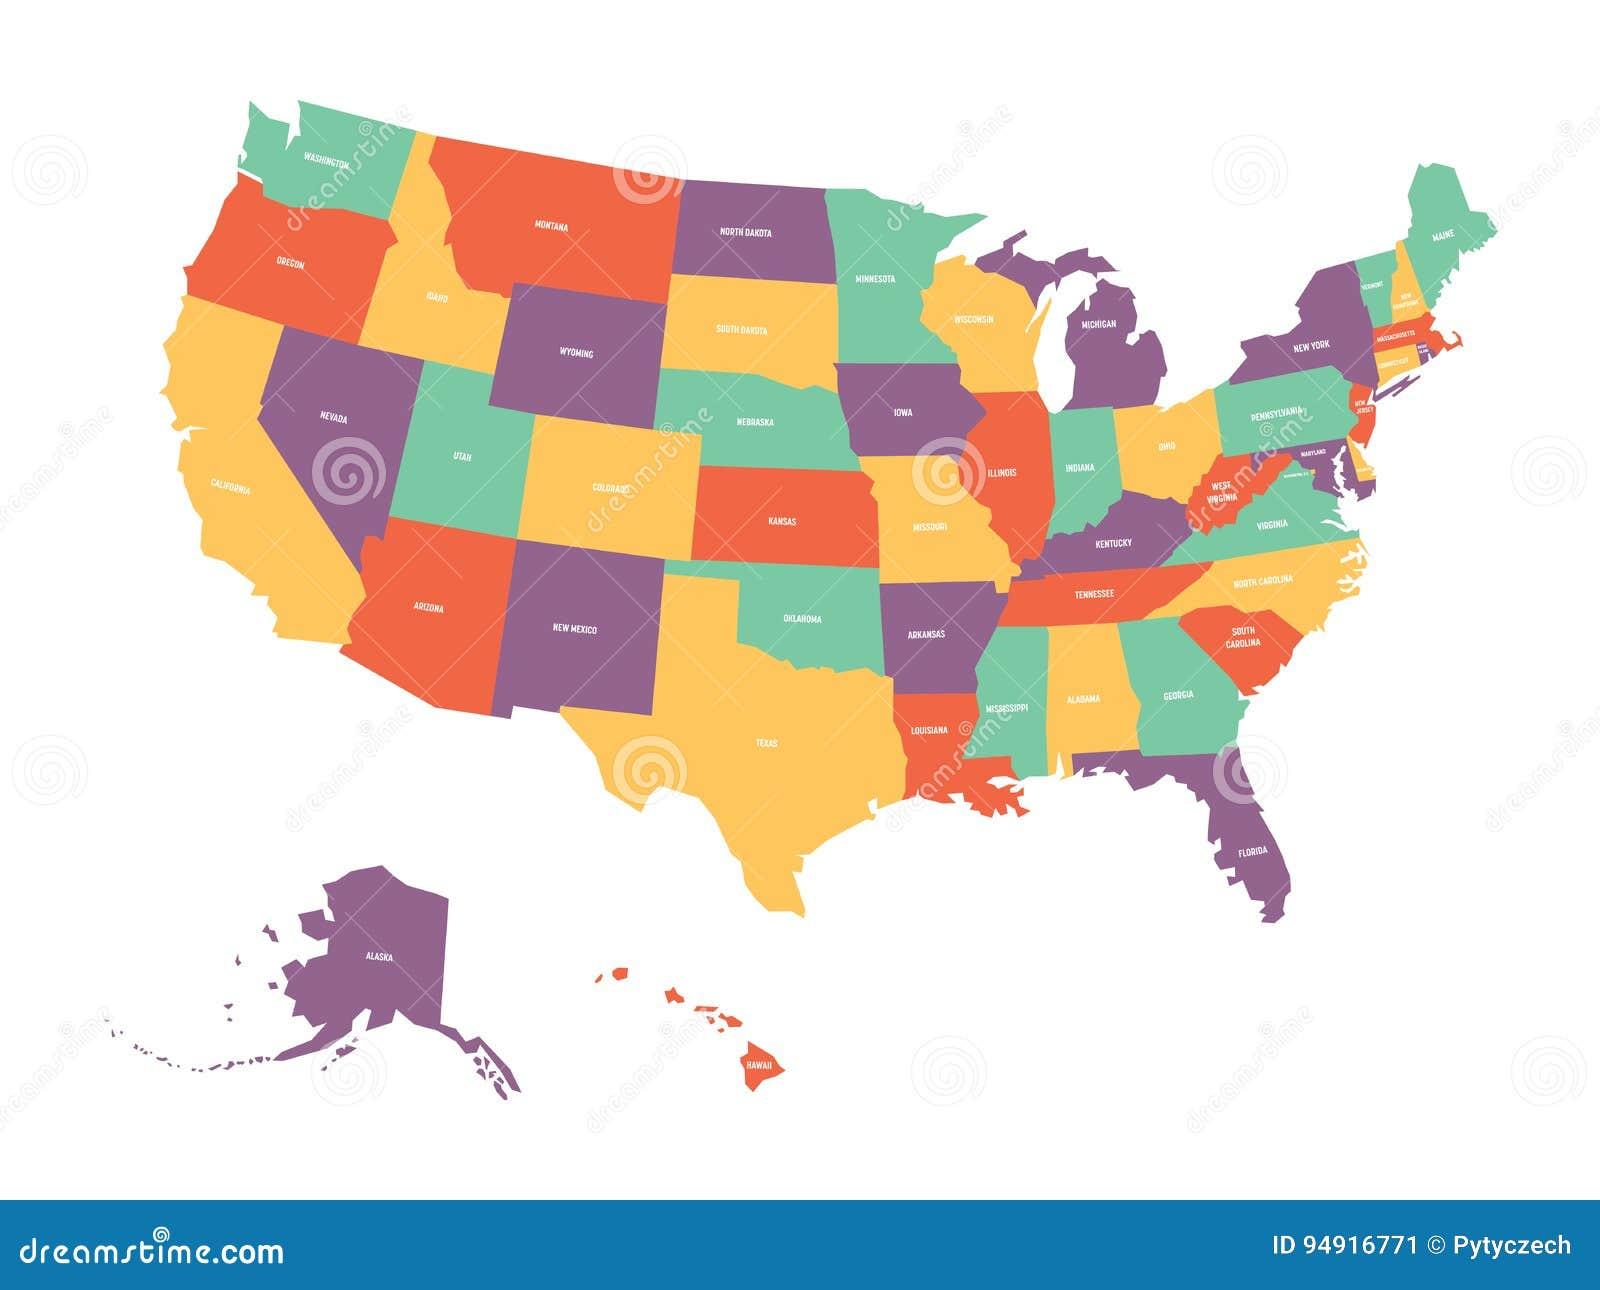 Stati Uniti Politica Cartina.Mappa Politica Di U S A Stati Uniti D America Variopinto Con Lo Stato Bianco Nomina Le Etichette Su Fondo Bianco Vettore Illustrazione Vettoriale Illustrazione Di Montana Colore 94916771